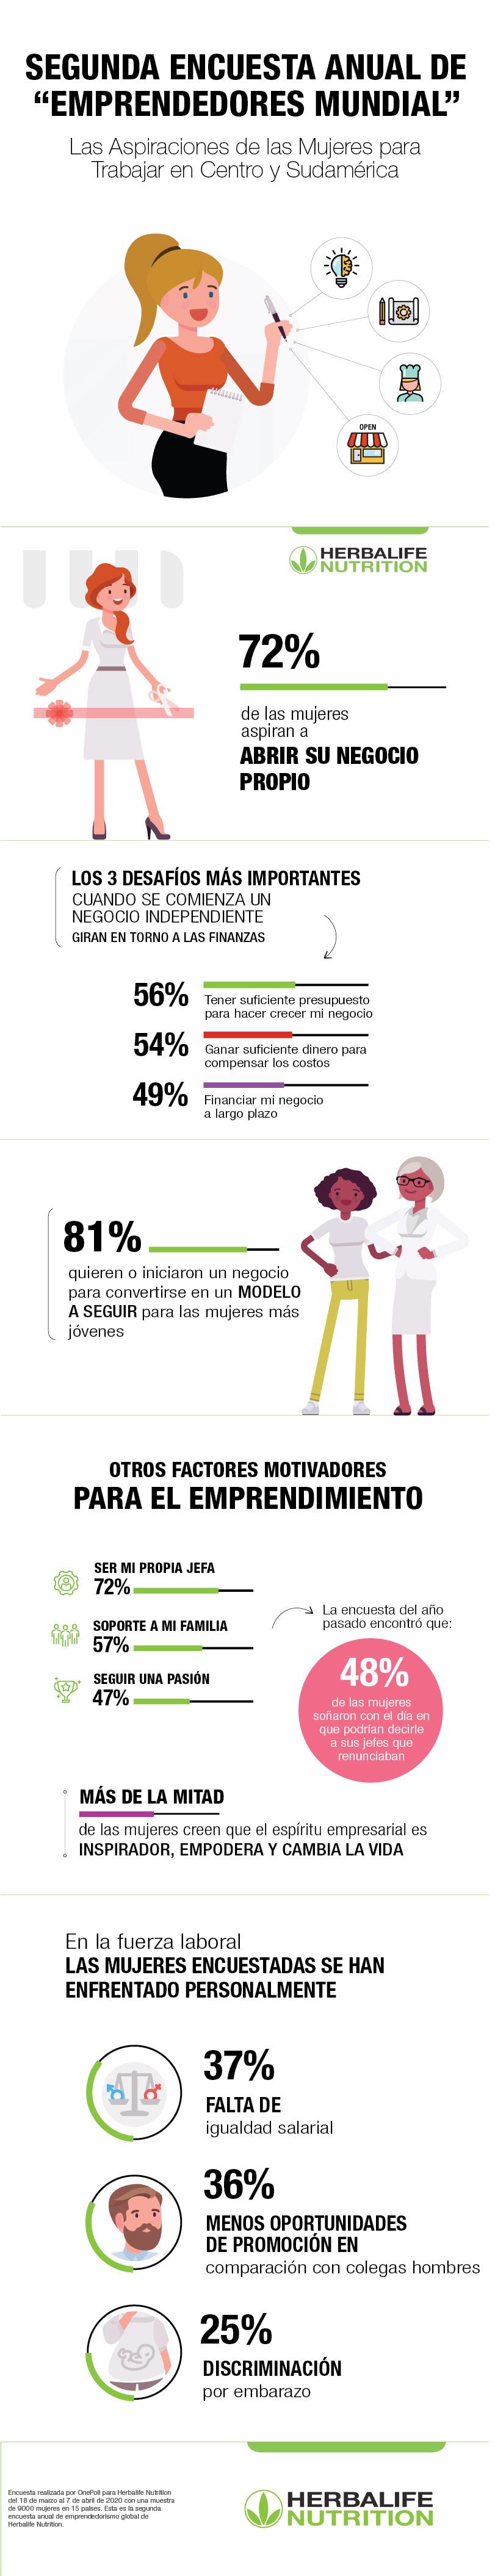 infografia-Emprendedores- Centro y Sudamérica